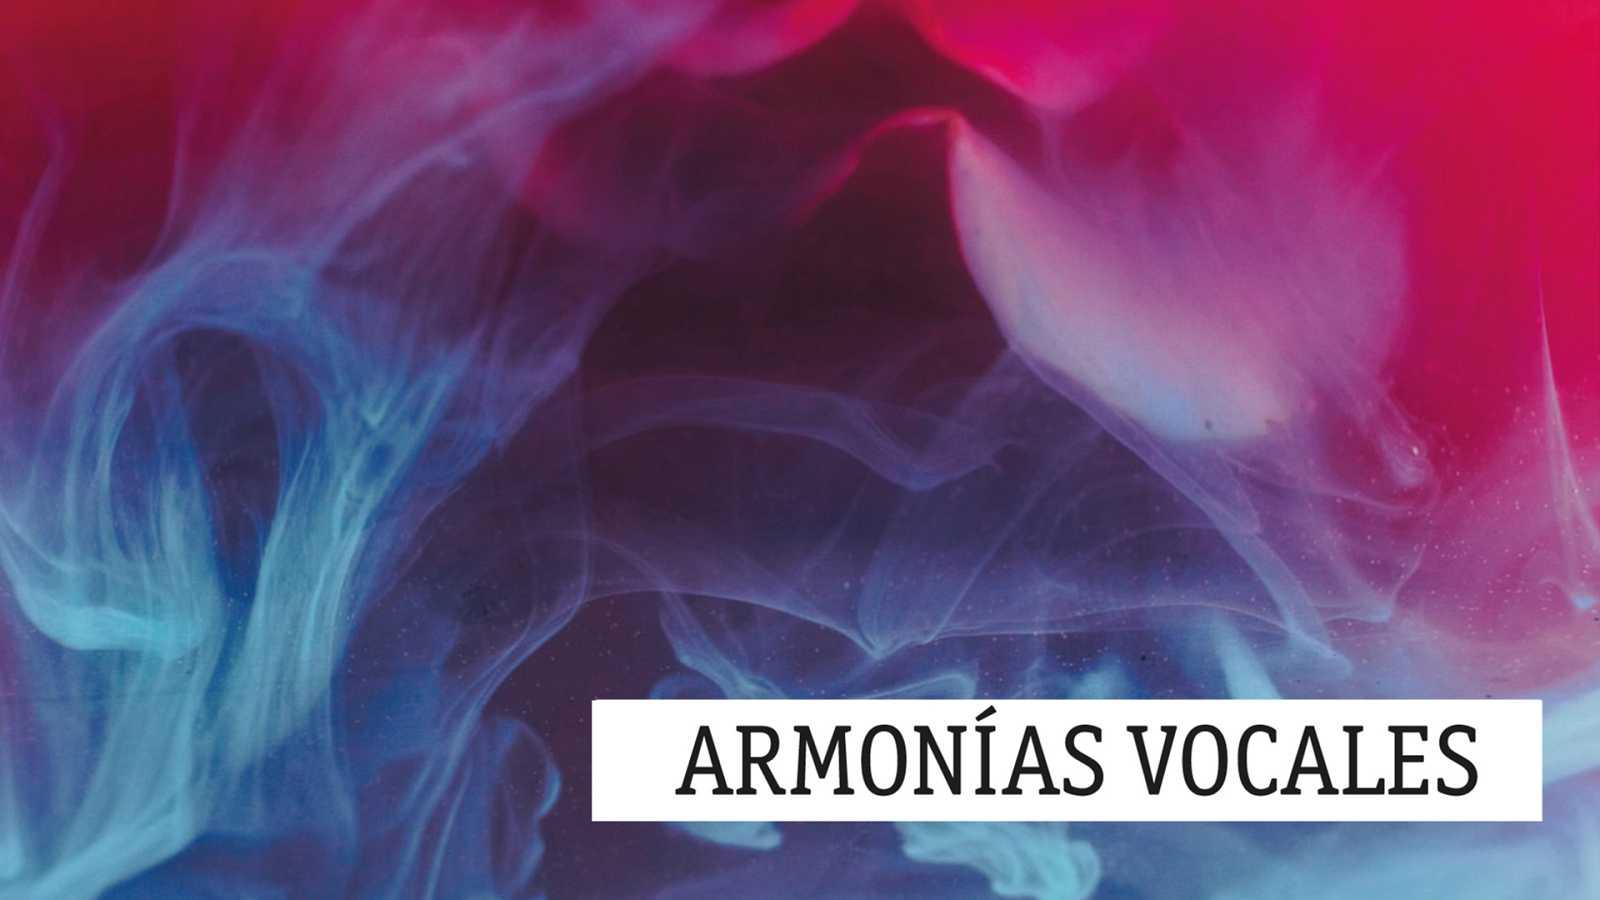 Armonías vocales - 01/05/21 - escuchar ahora